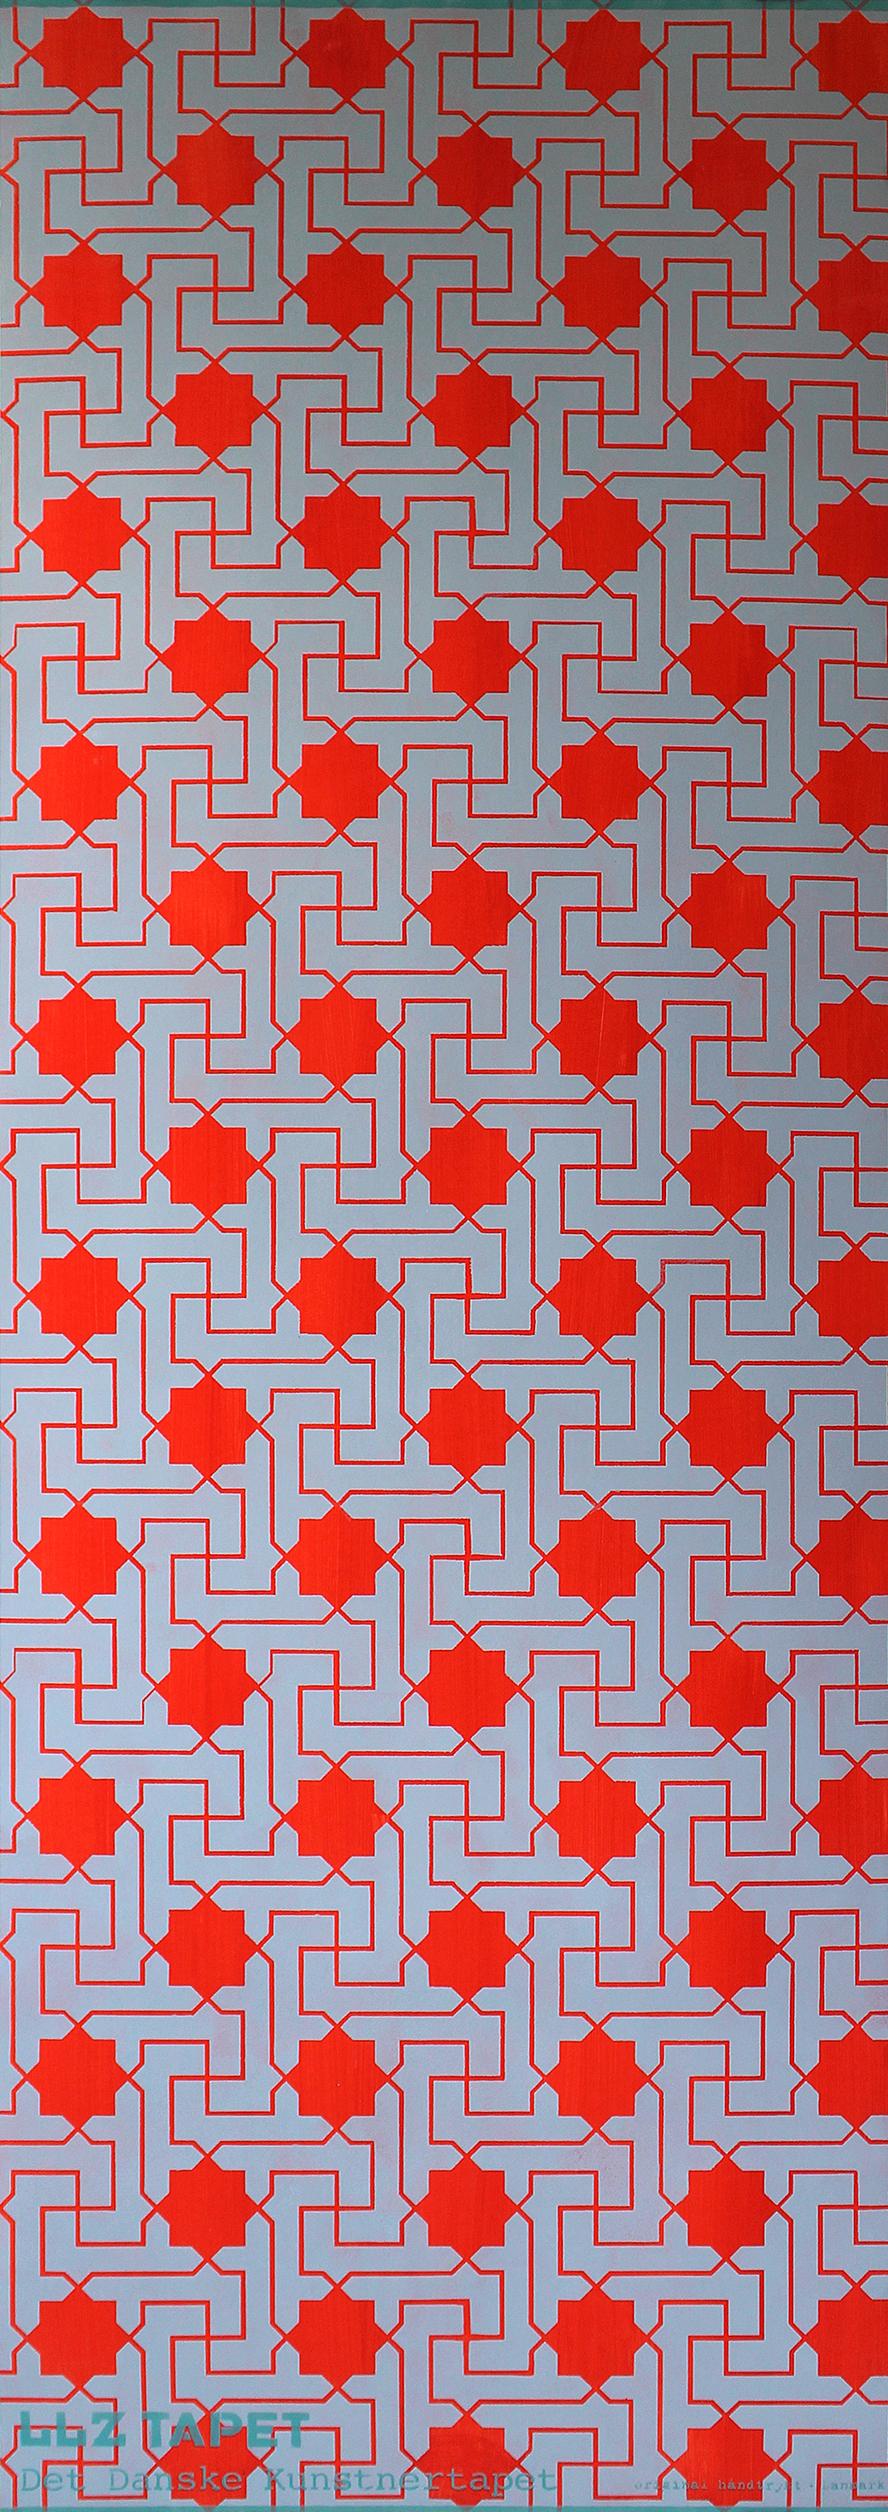 Willumsen og Alhambramønstret 25. Original håndtrykt på kraftig nonwoven tapetpapir med kompositionsfarver. Pr løbende meter er prisen 550,-